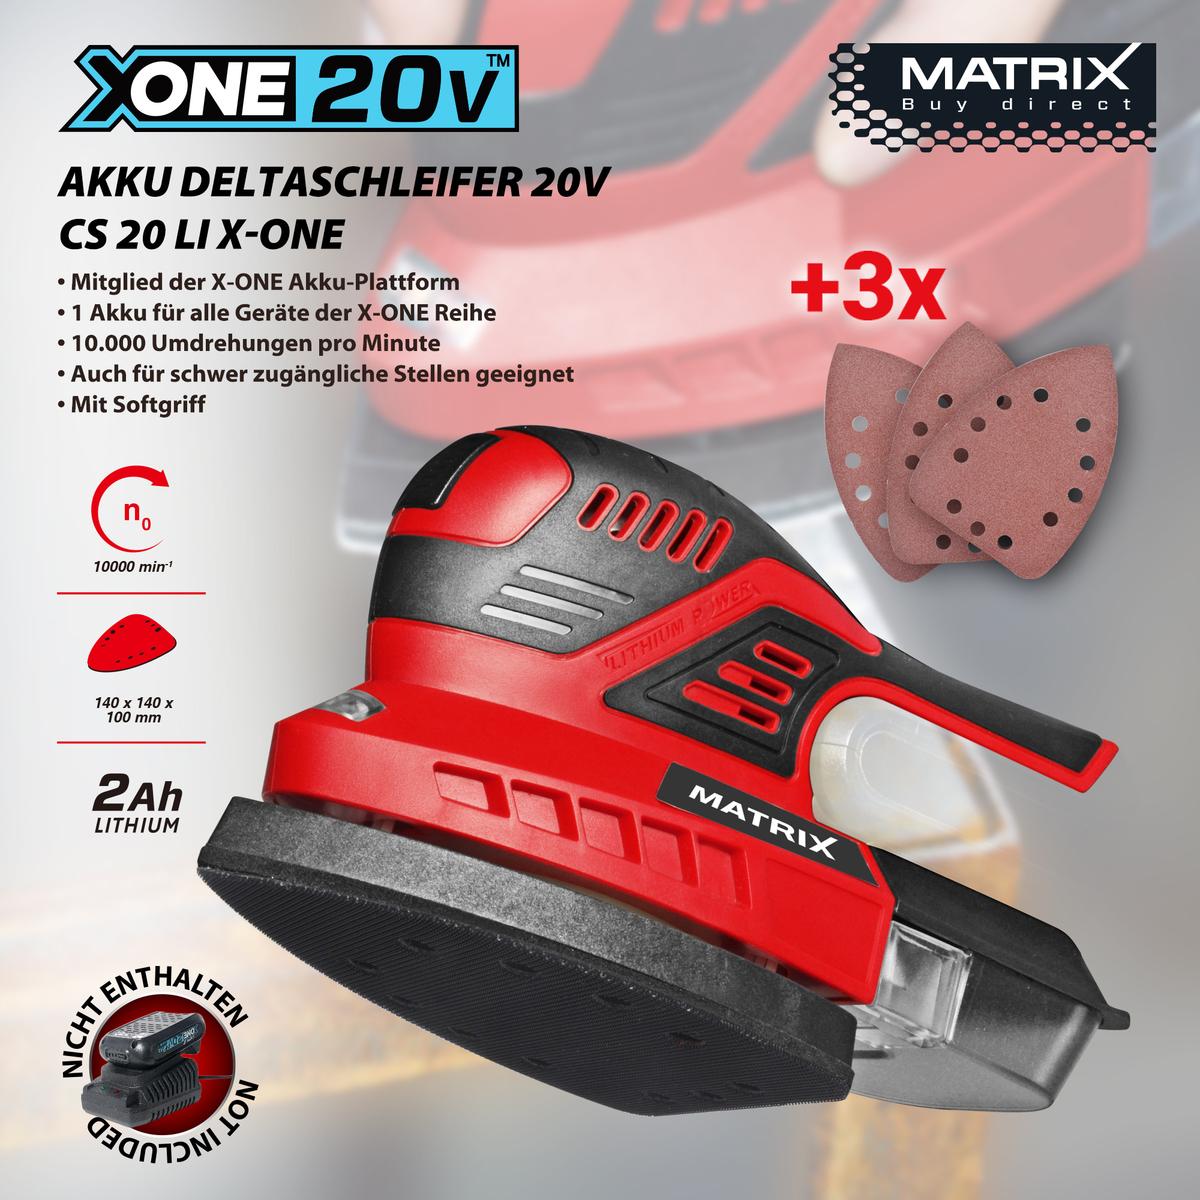 Bild 1 von Matrix X-One Akku Deltaschleifer 20V